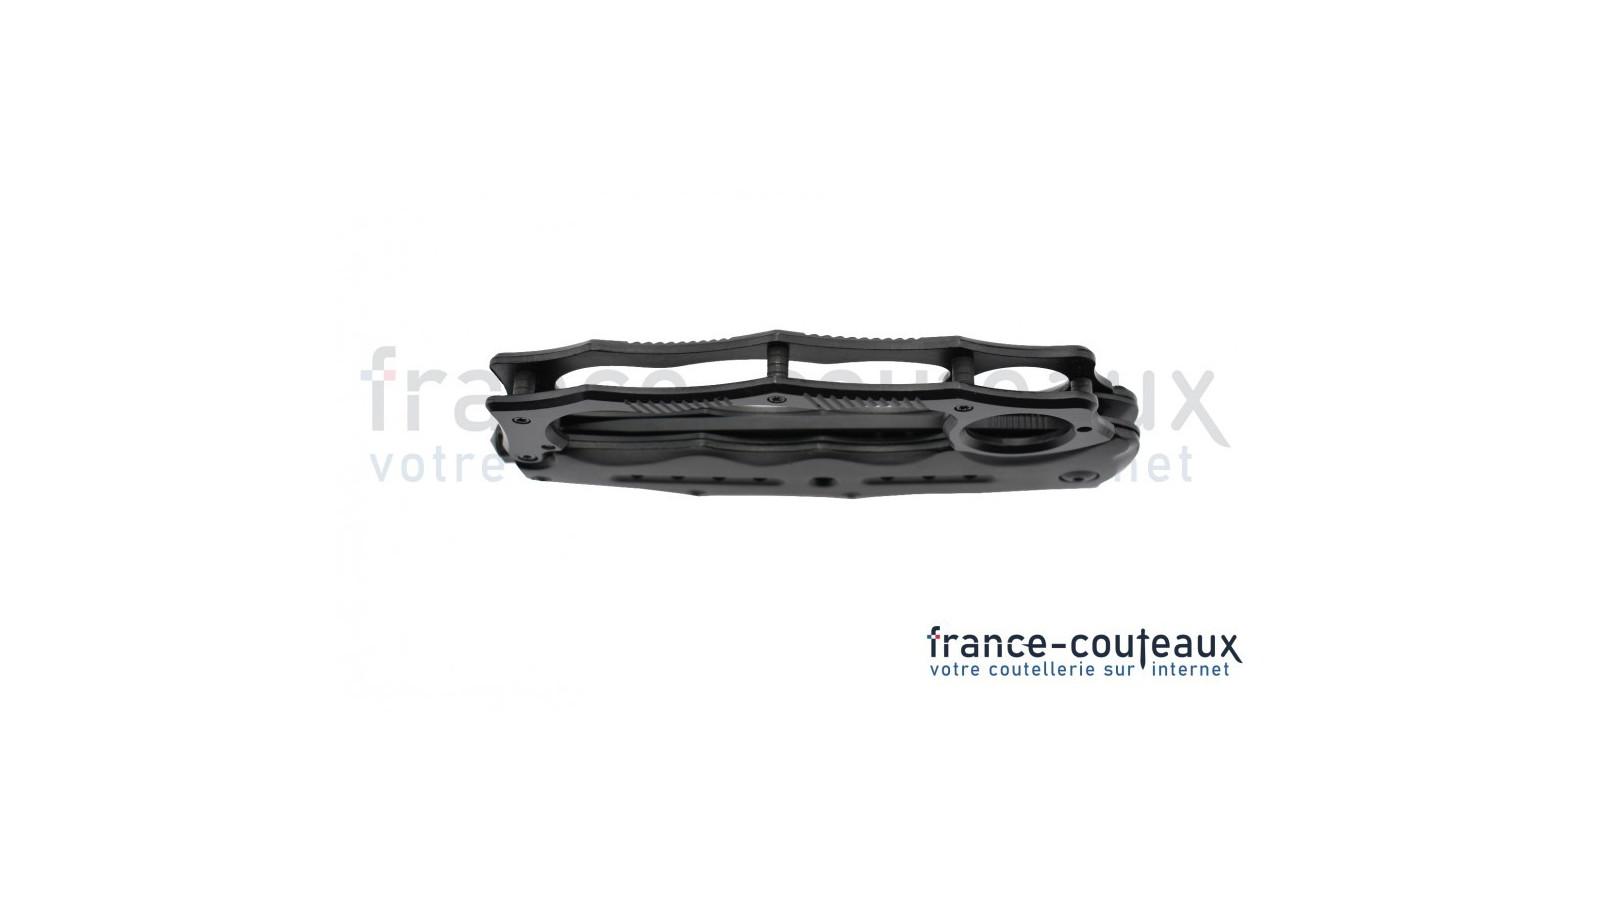 Pistolet de défense personnel Walther PDP Pro secur rose au gel poivre OC